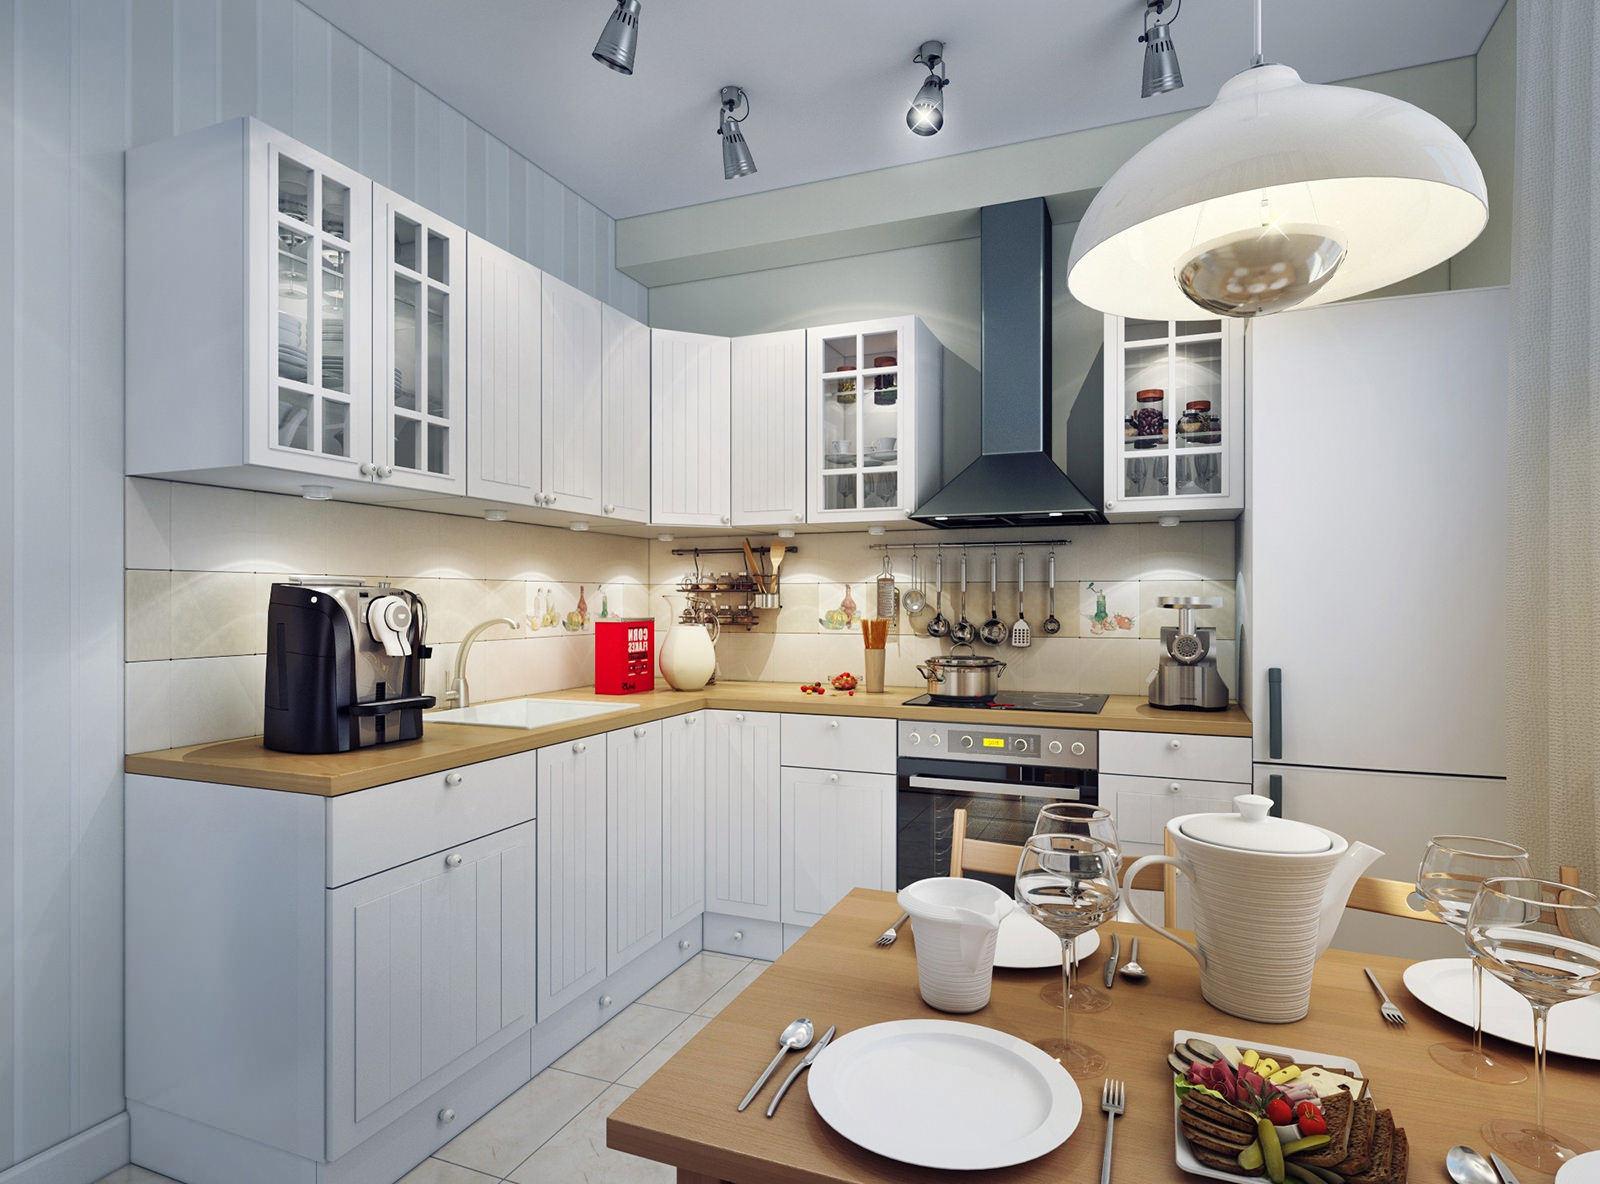 Потолочный светильник в интерьере кухни